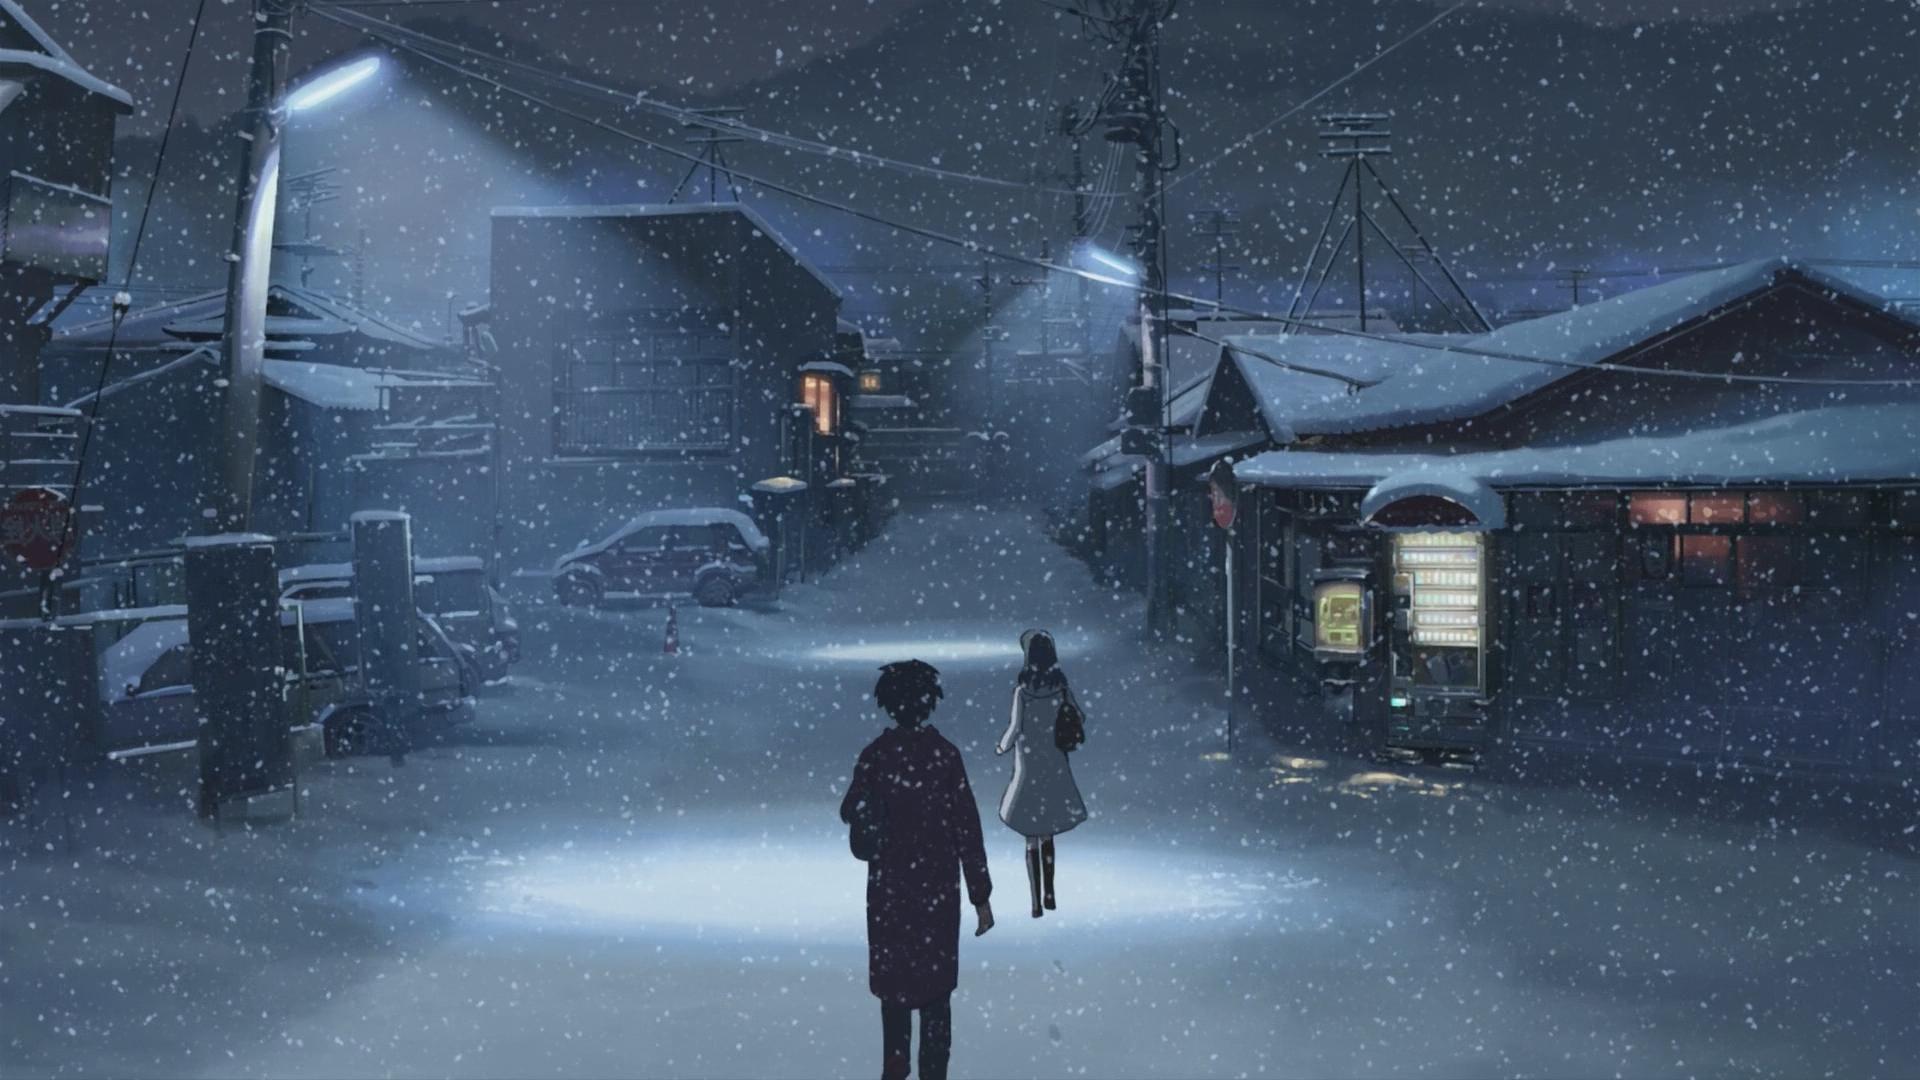 More Discrete Anime Wallpapers Imgur Anime Wallpaper Winter Wallpaper Hd Anime Backgrounds Wallpapers